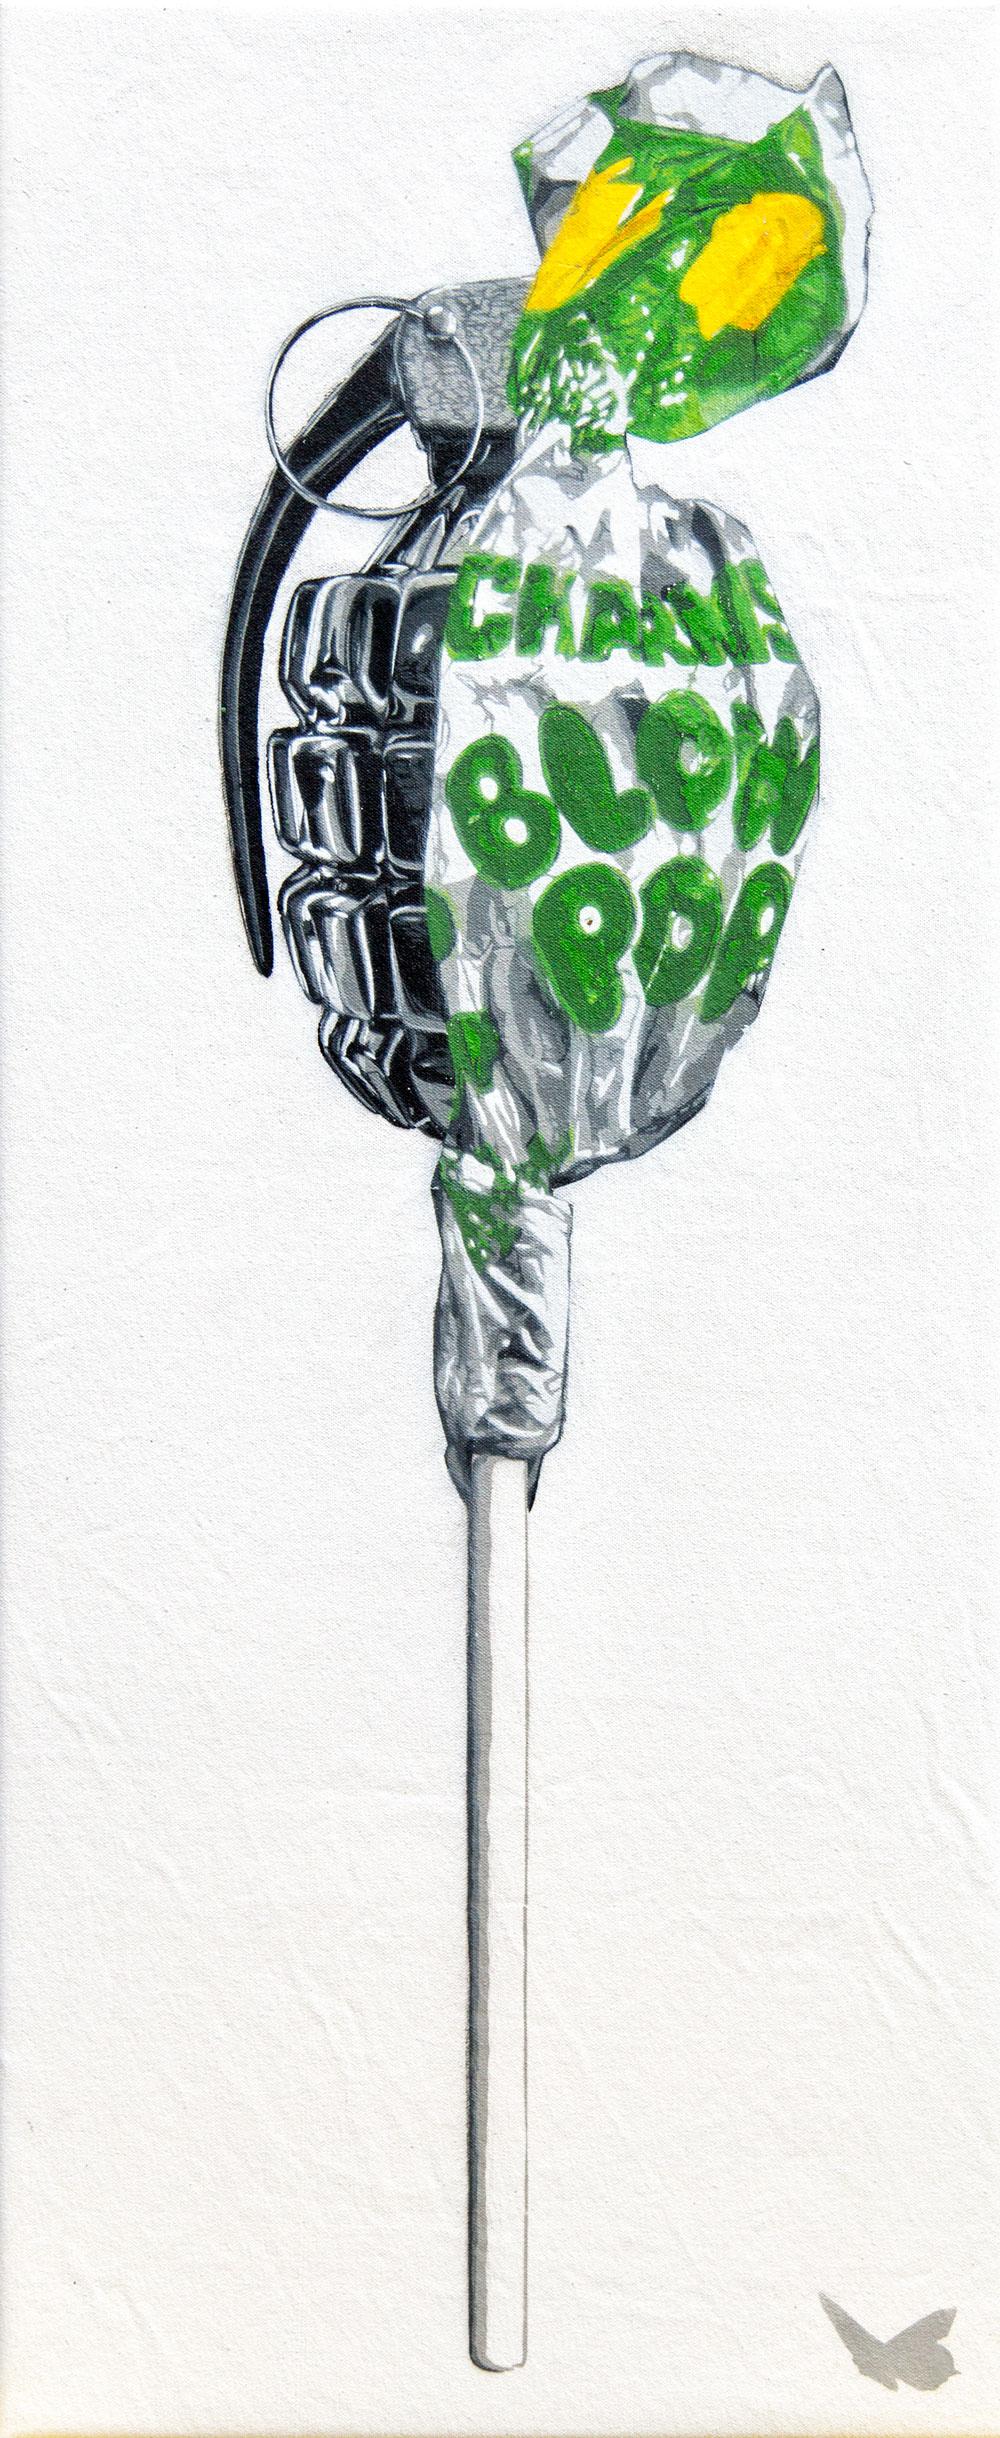 Blowpop